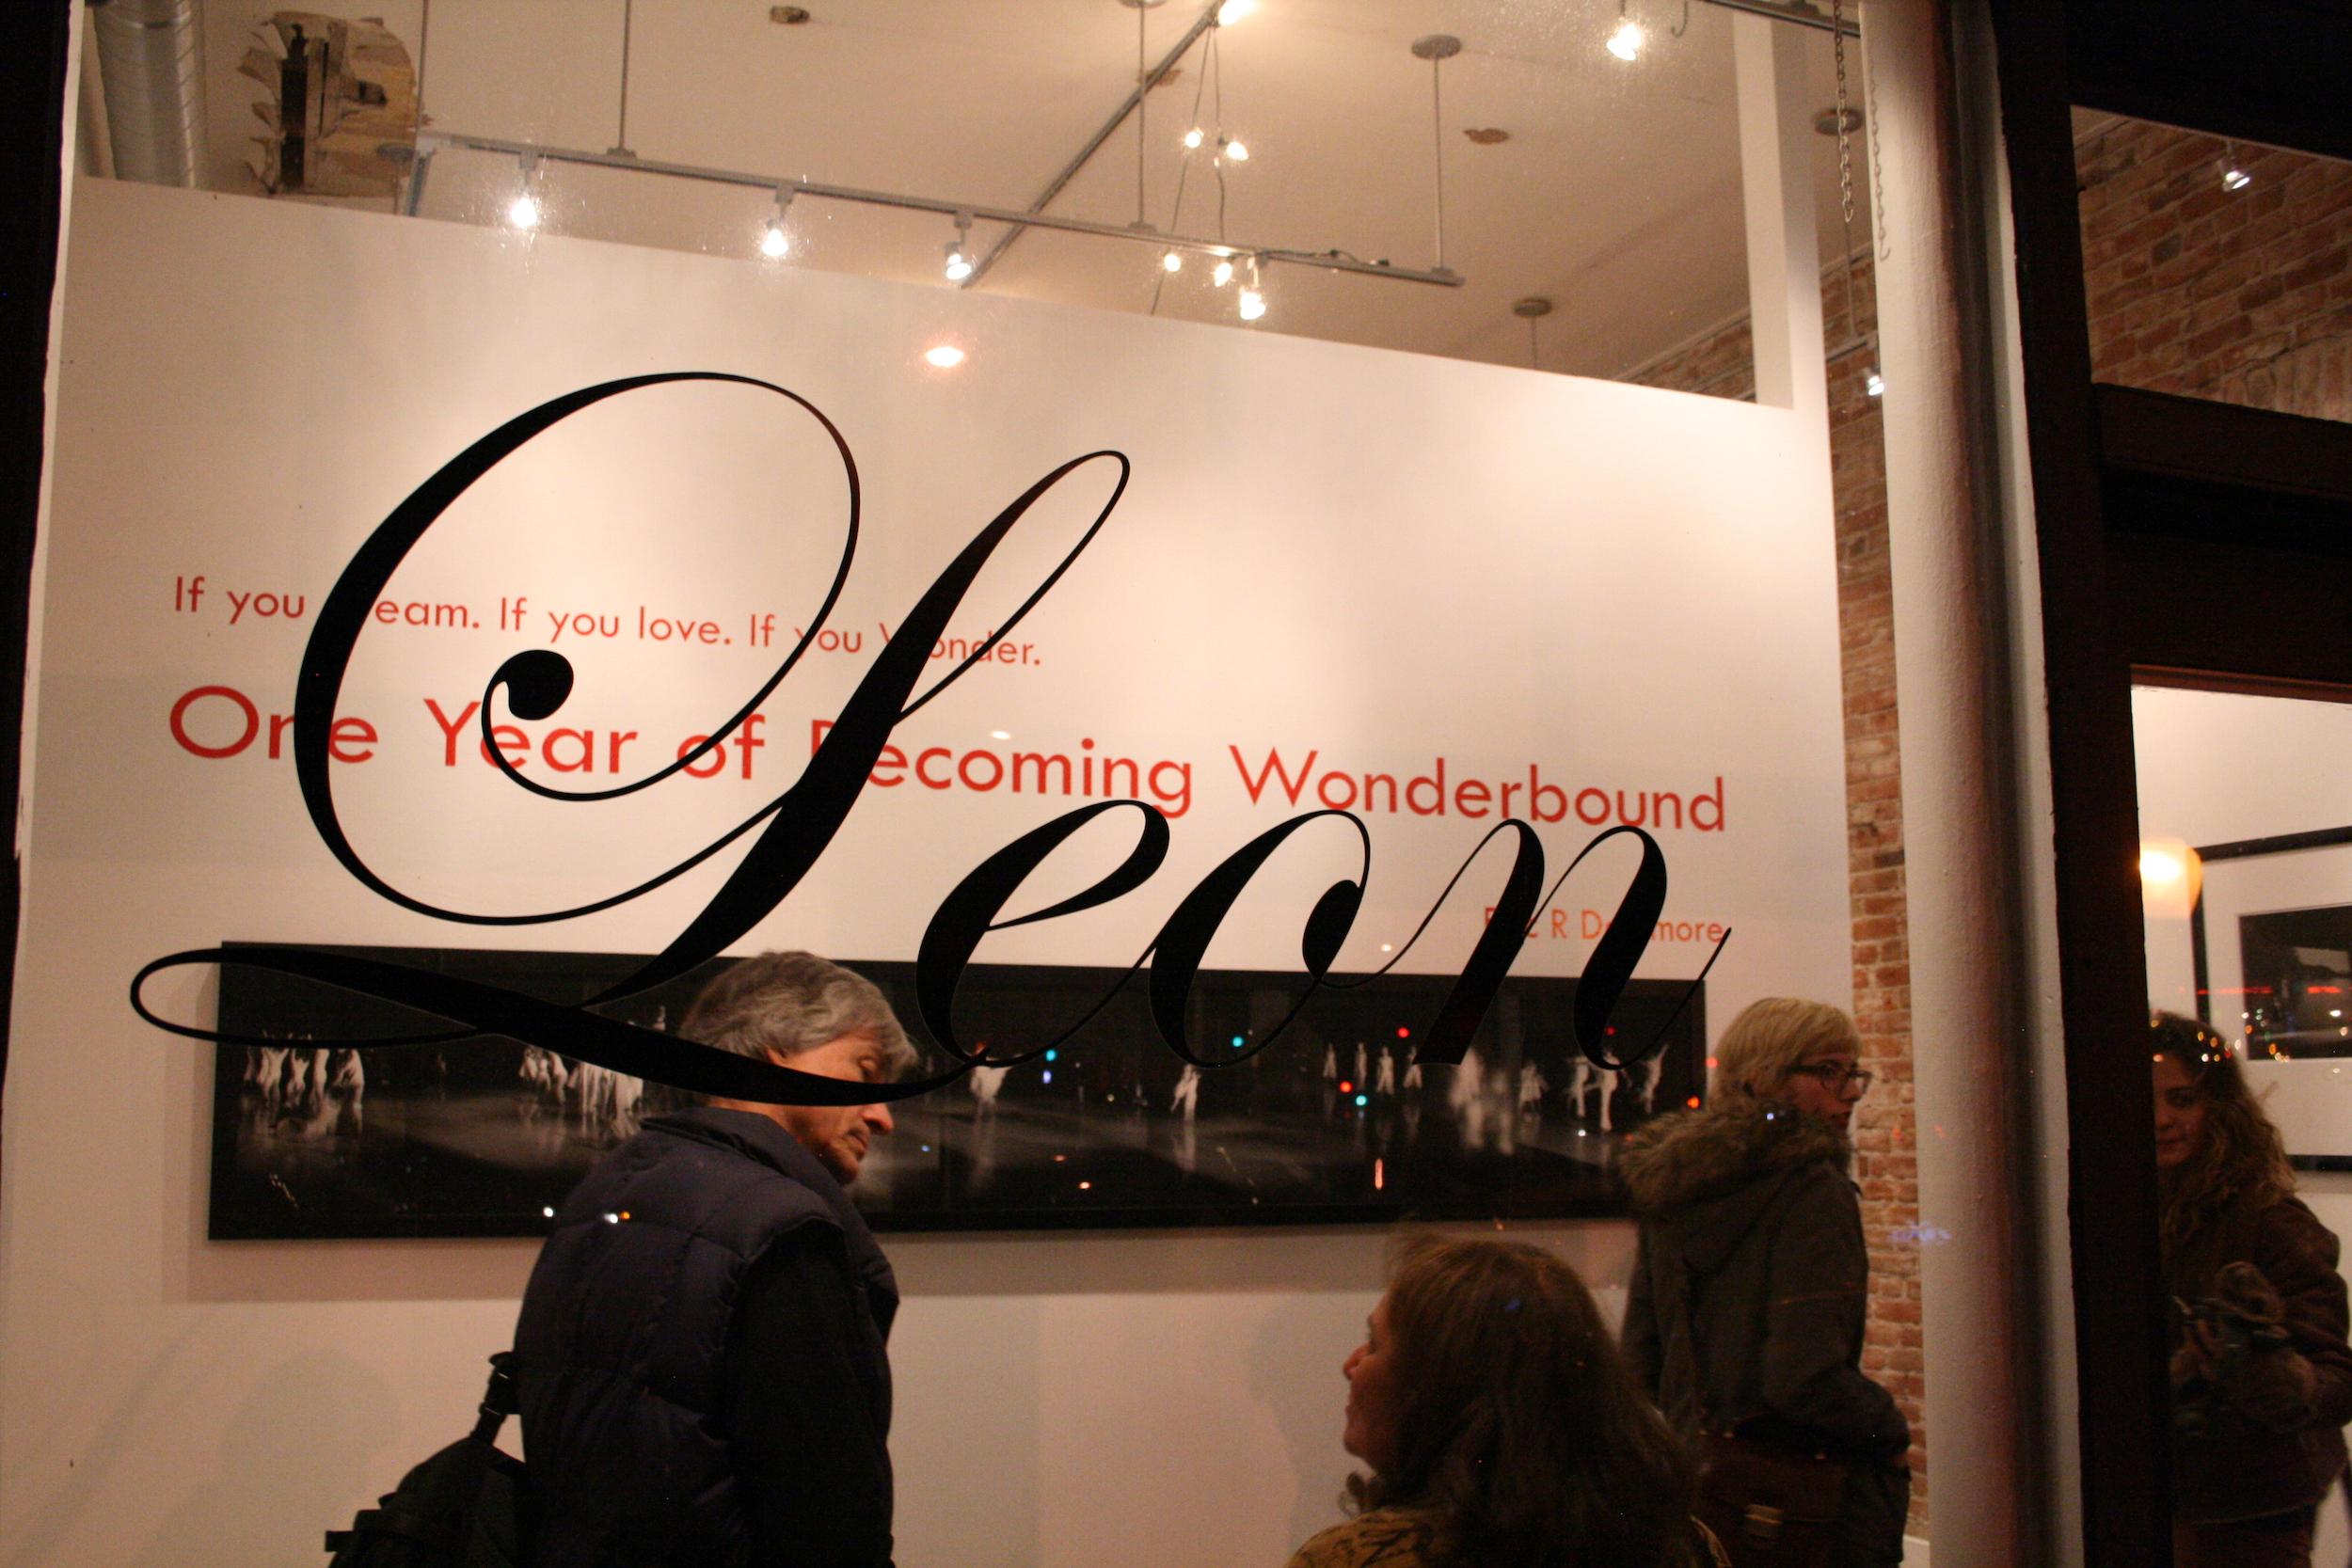 Leon Gallery featuring Wonderbound. 2013.